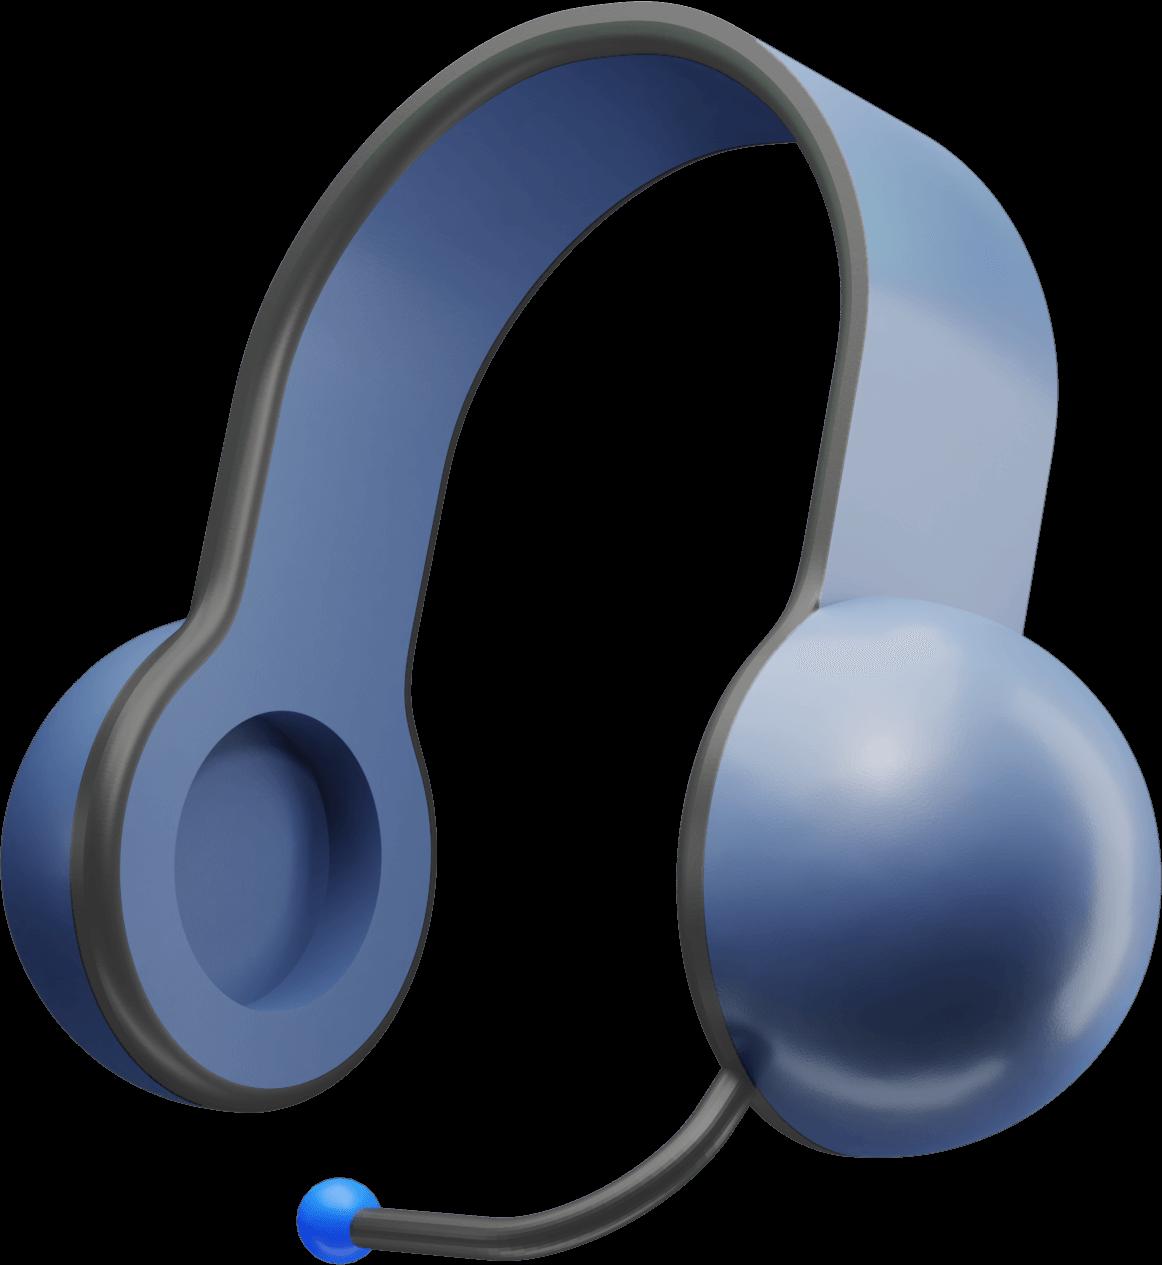 Ilustración de unos auriculares